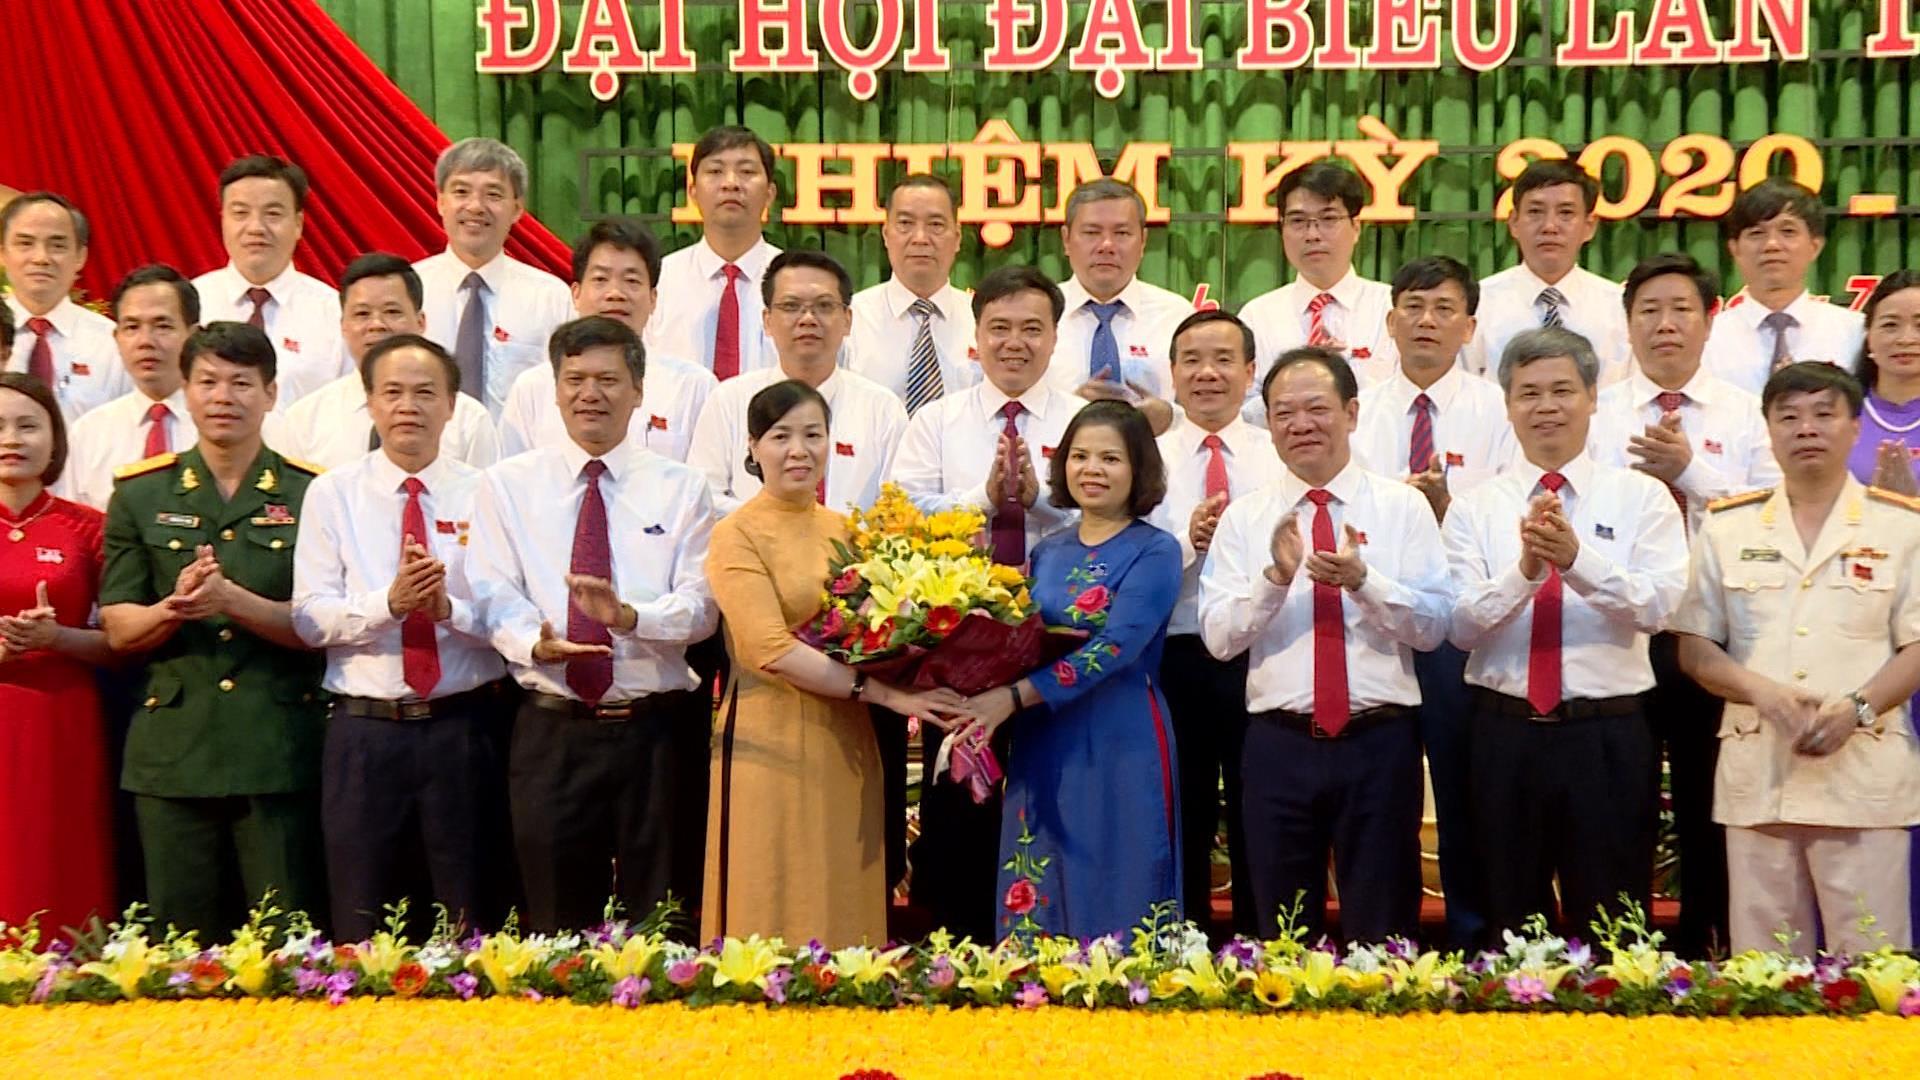 Đại hội Đảng bộ huyện Gia Bình lần thứ XXII thành công tốt đẹp